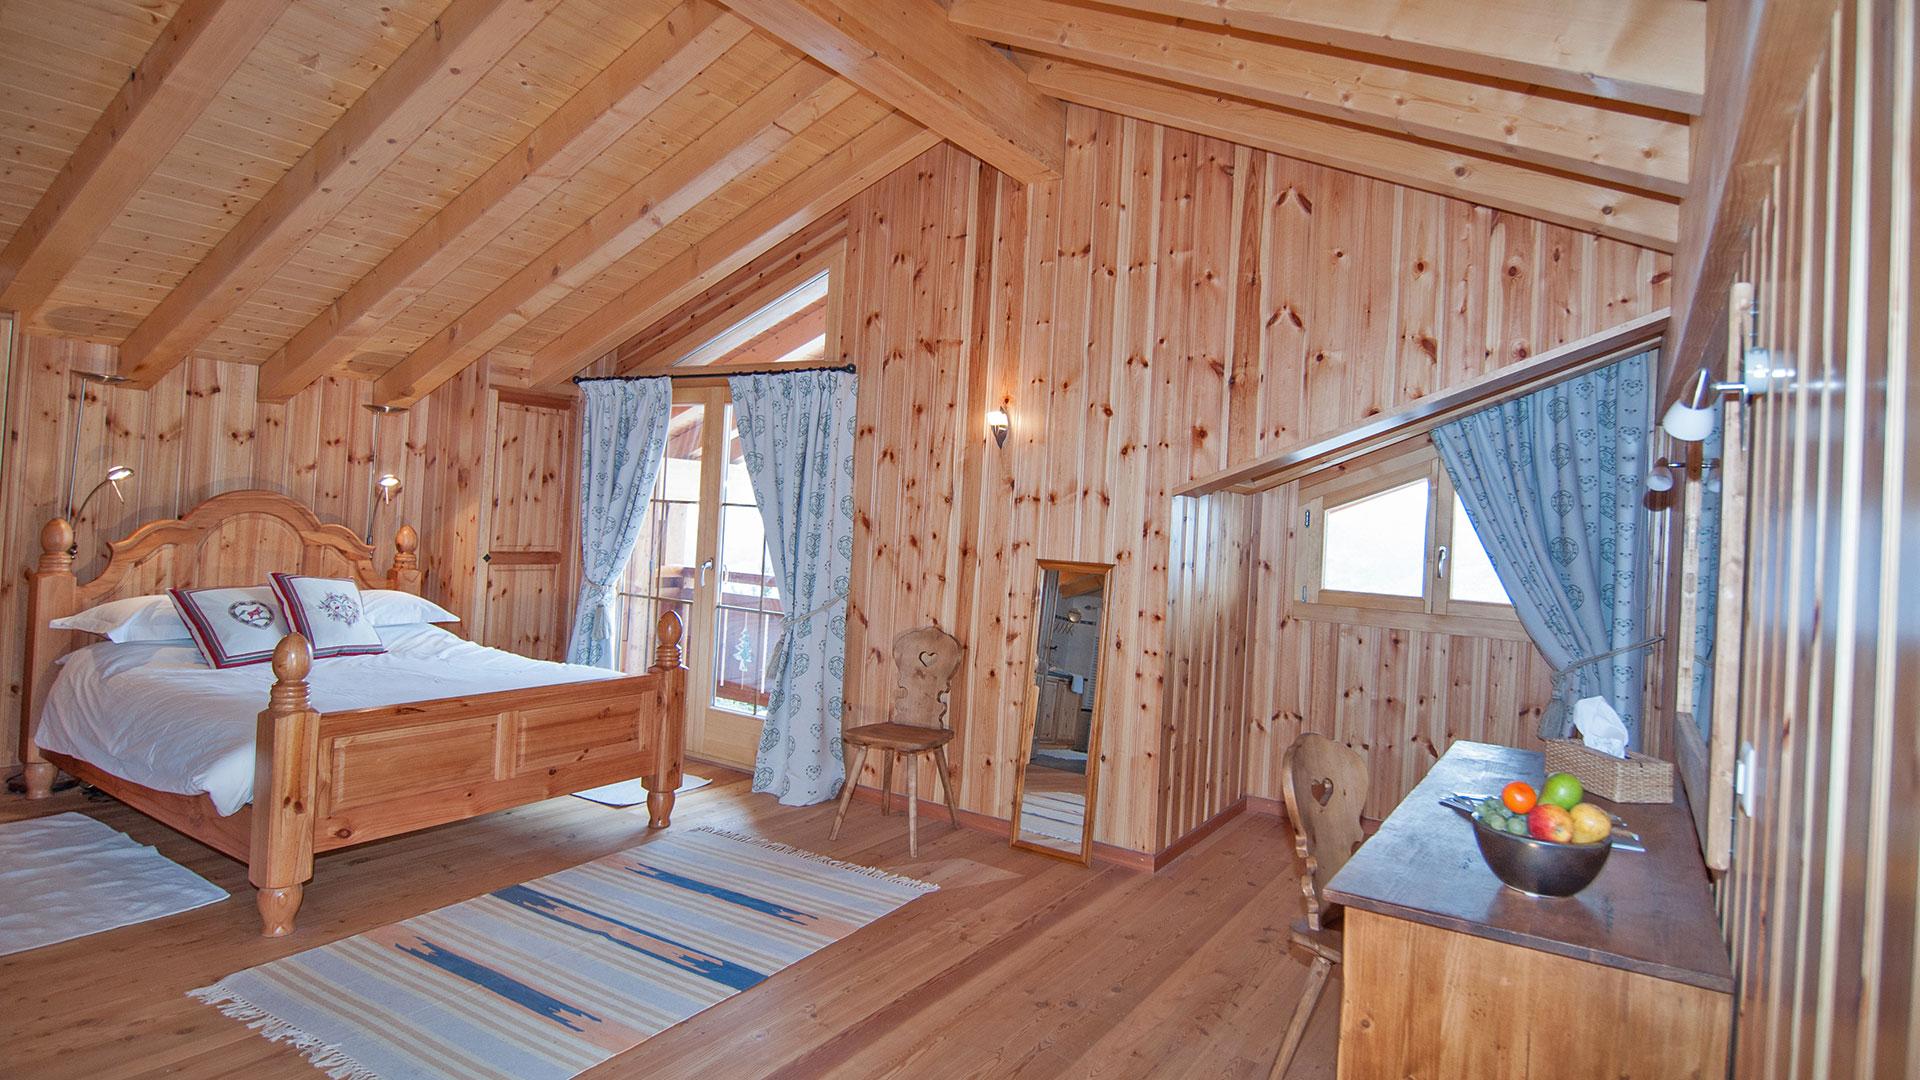 Chalet Lususa Chalet, Switzerland